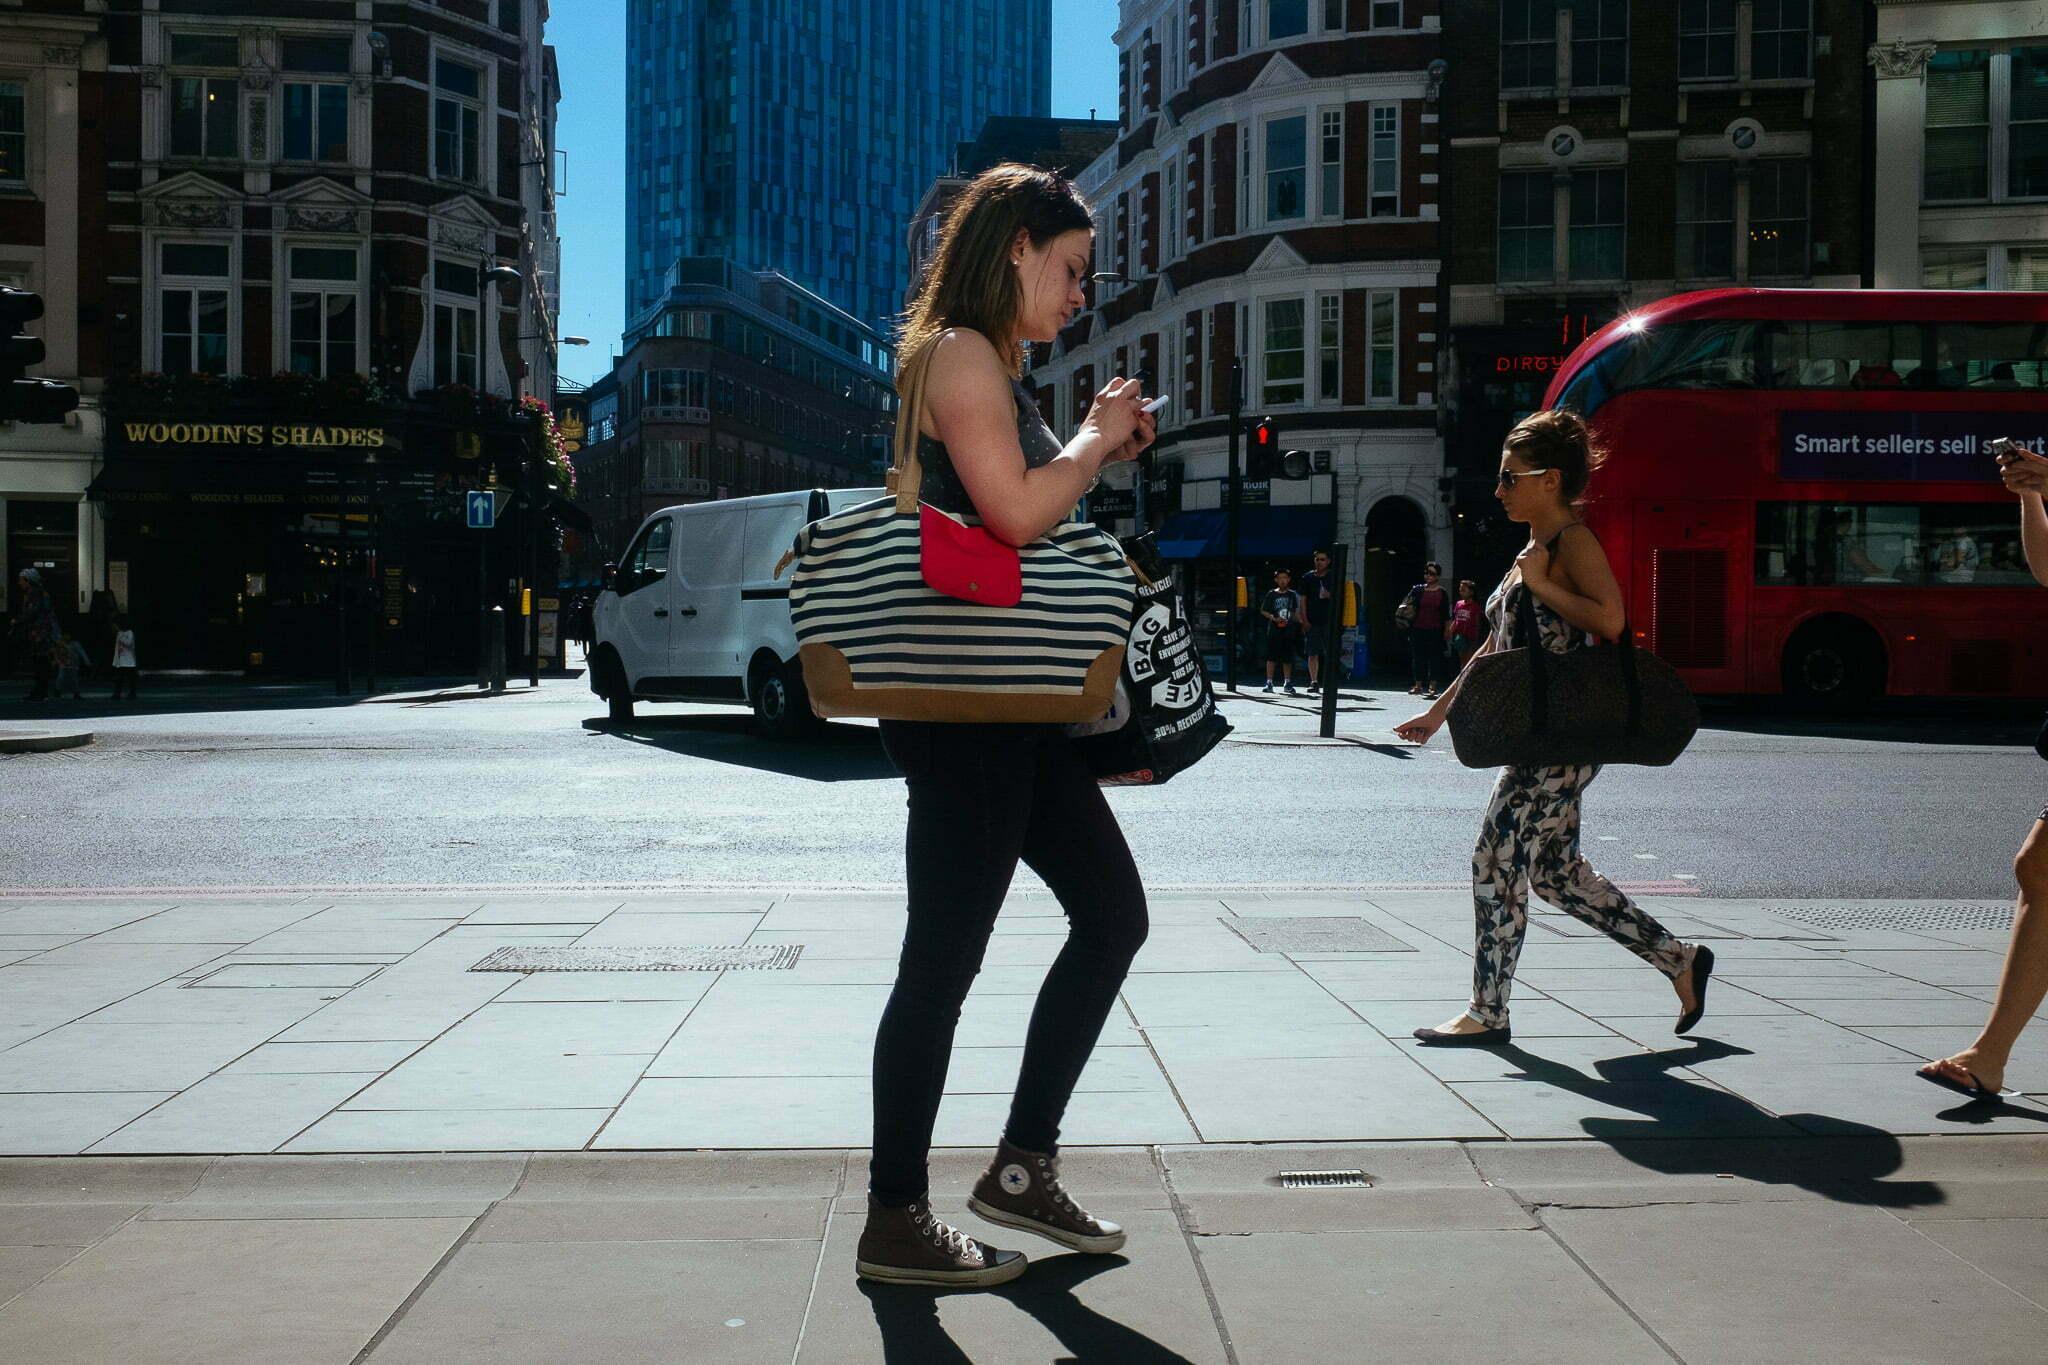 london-street-6801